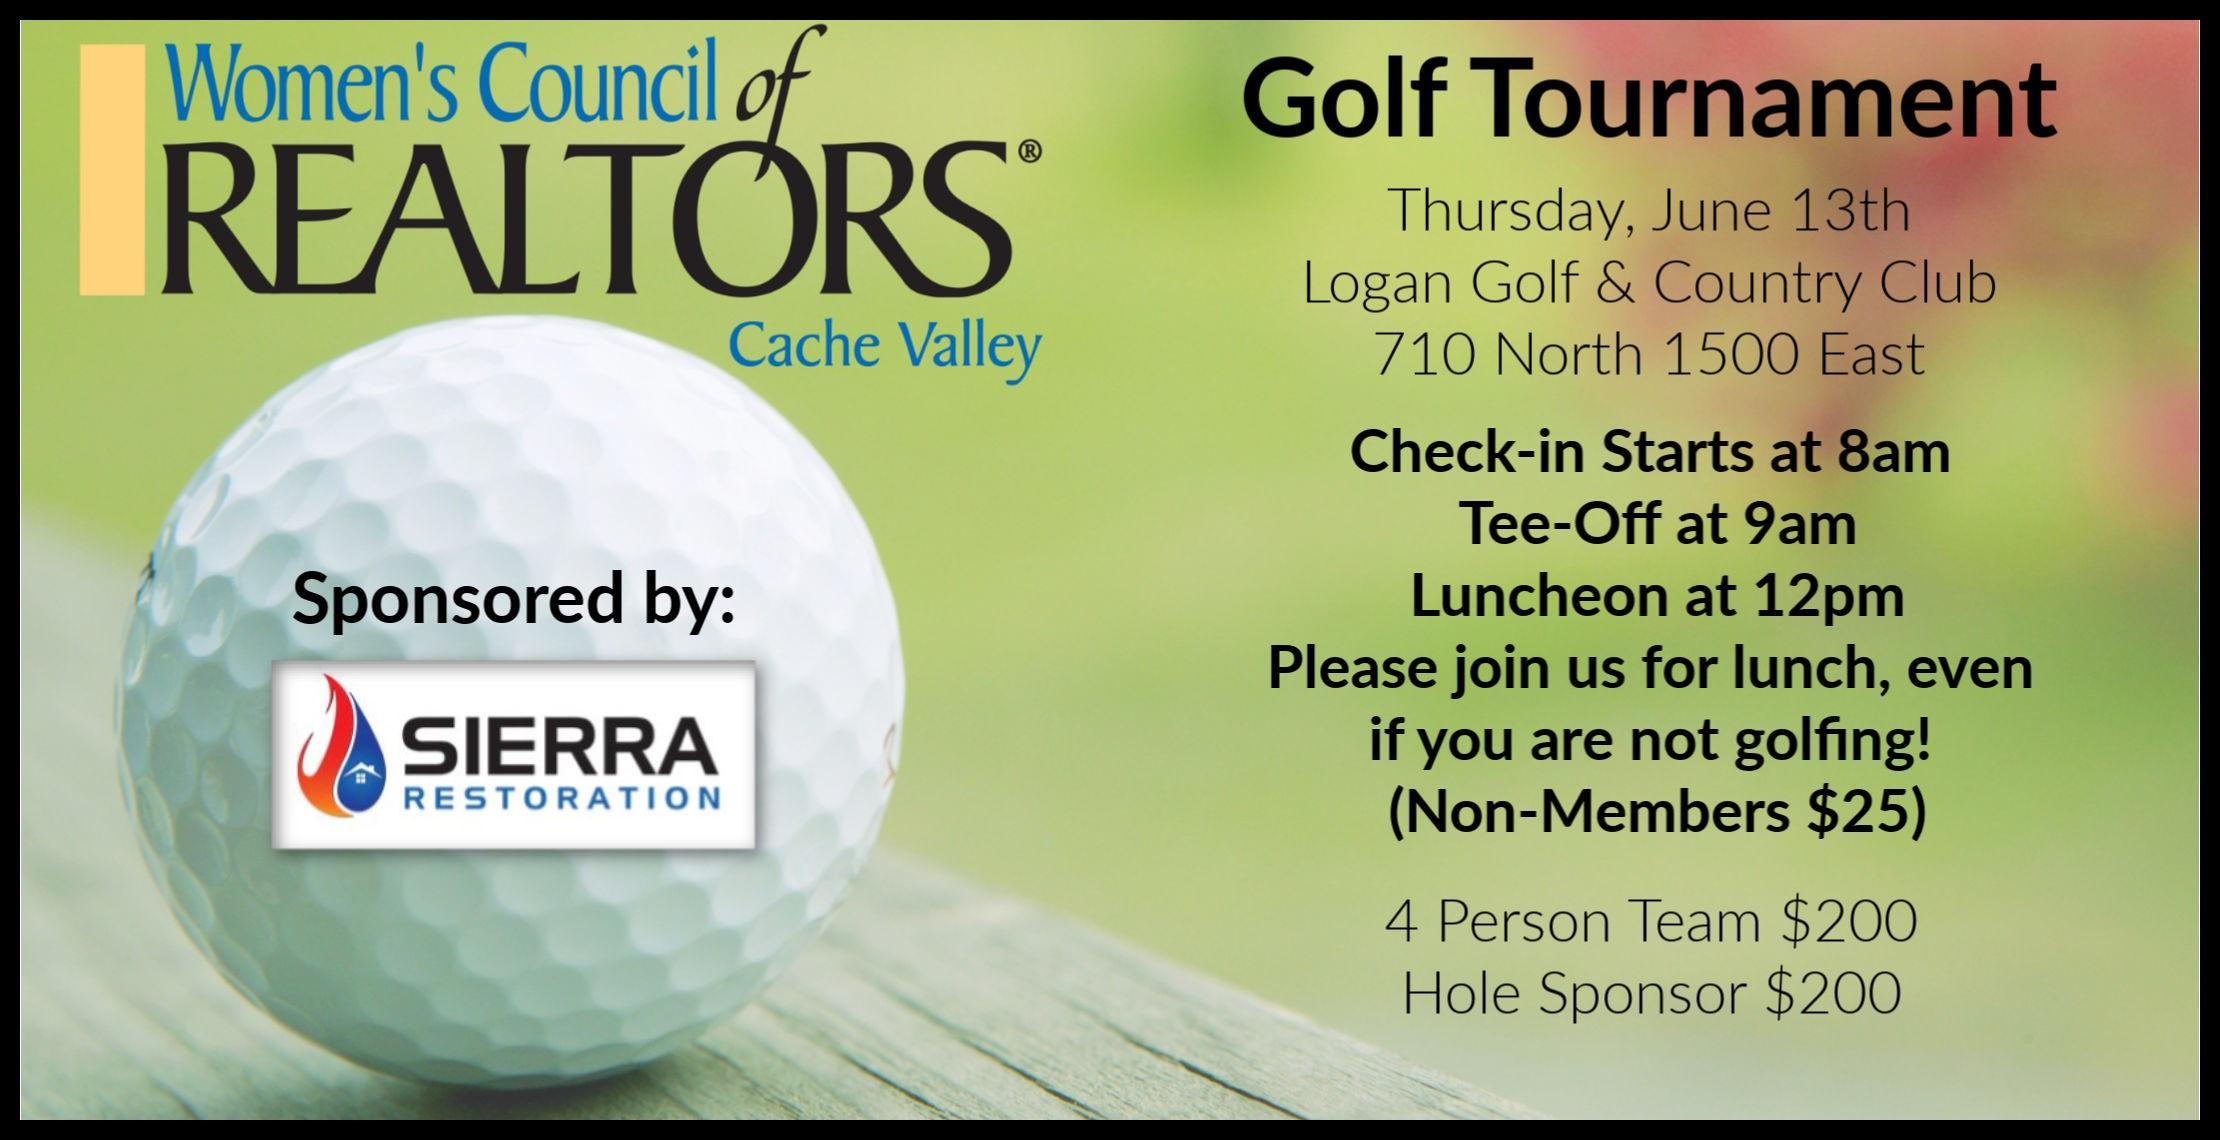 WCR Annual Golf Tournament